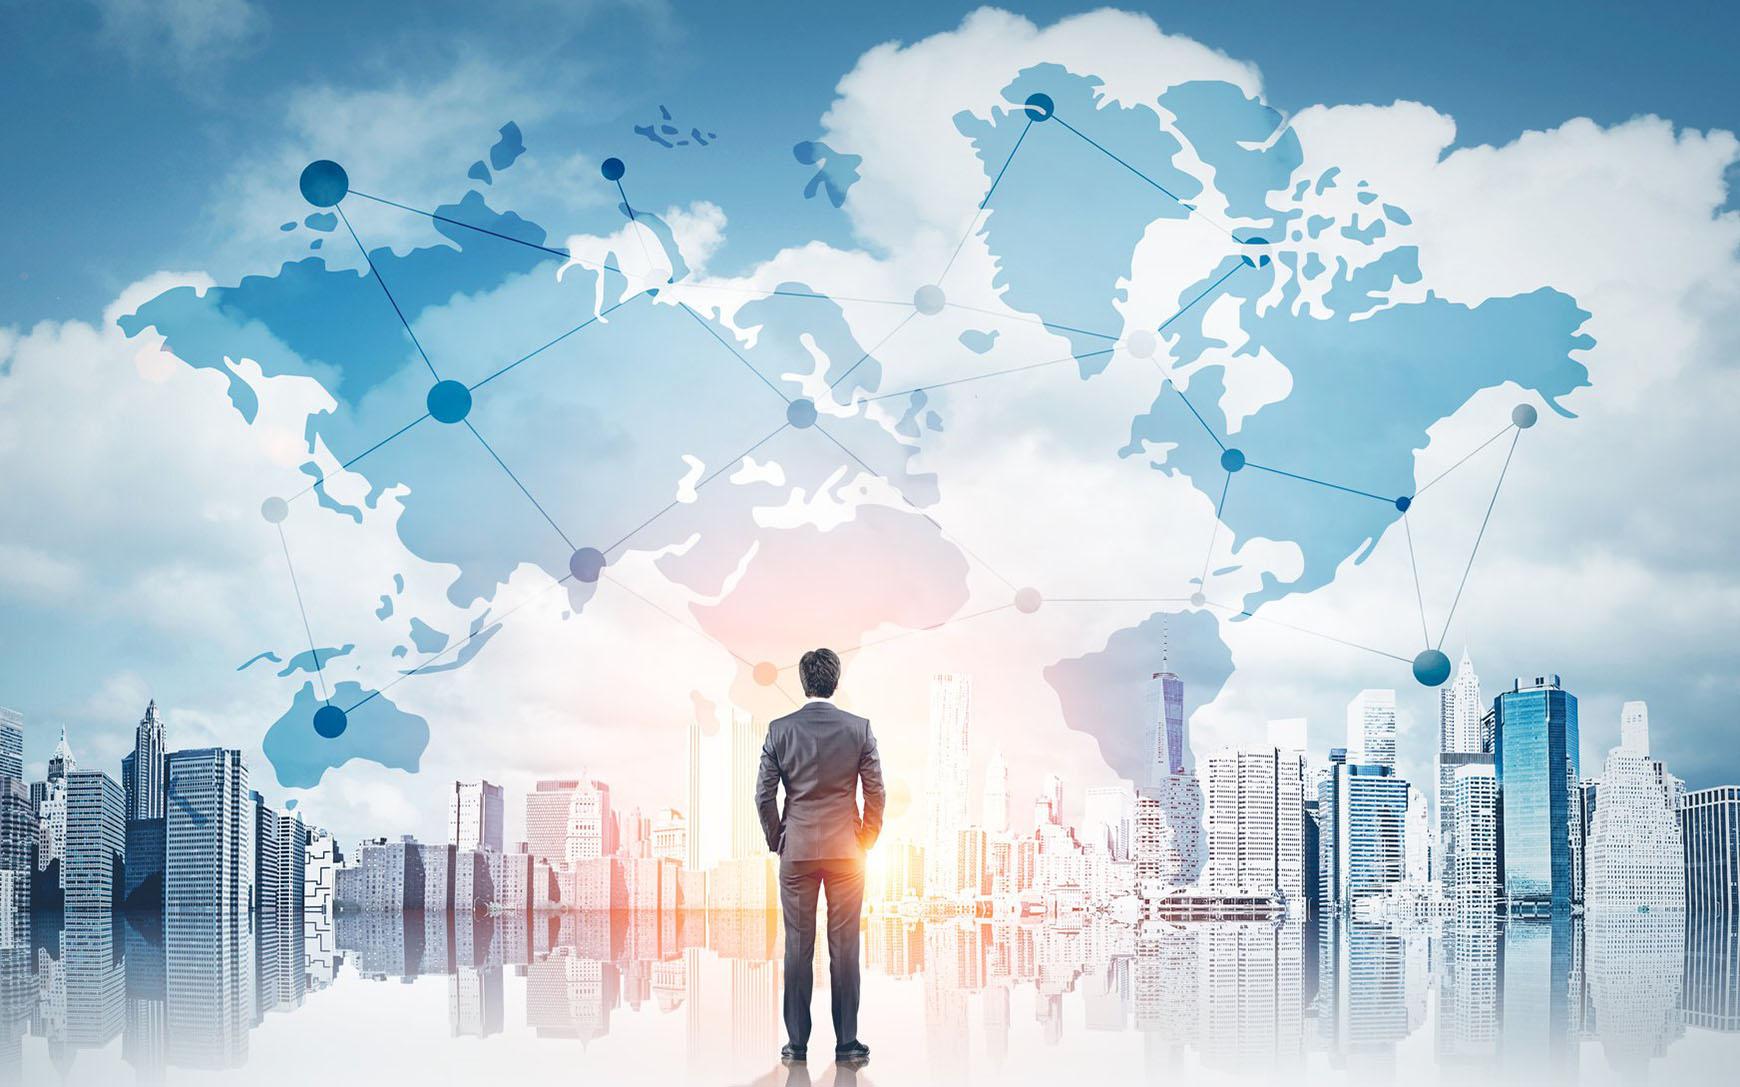 B2B Sales and Marketing Strategies